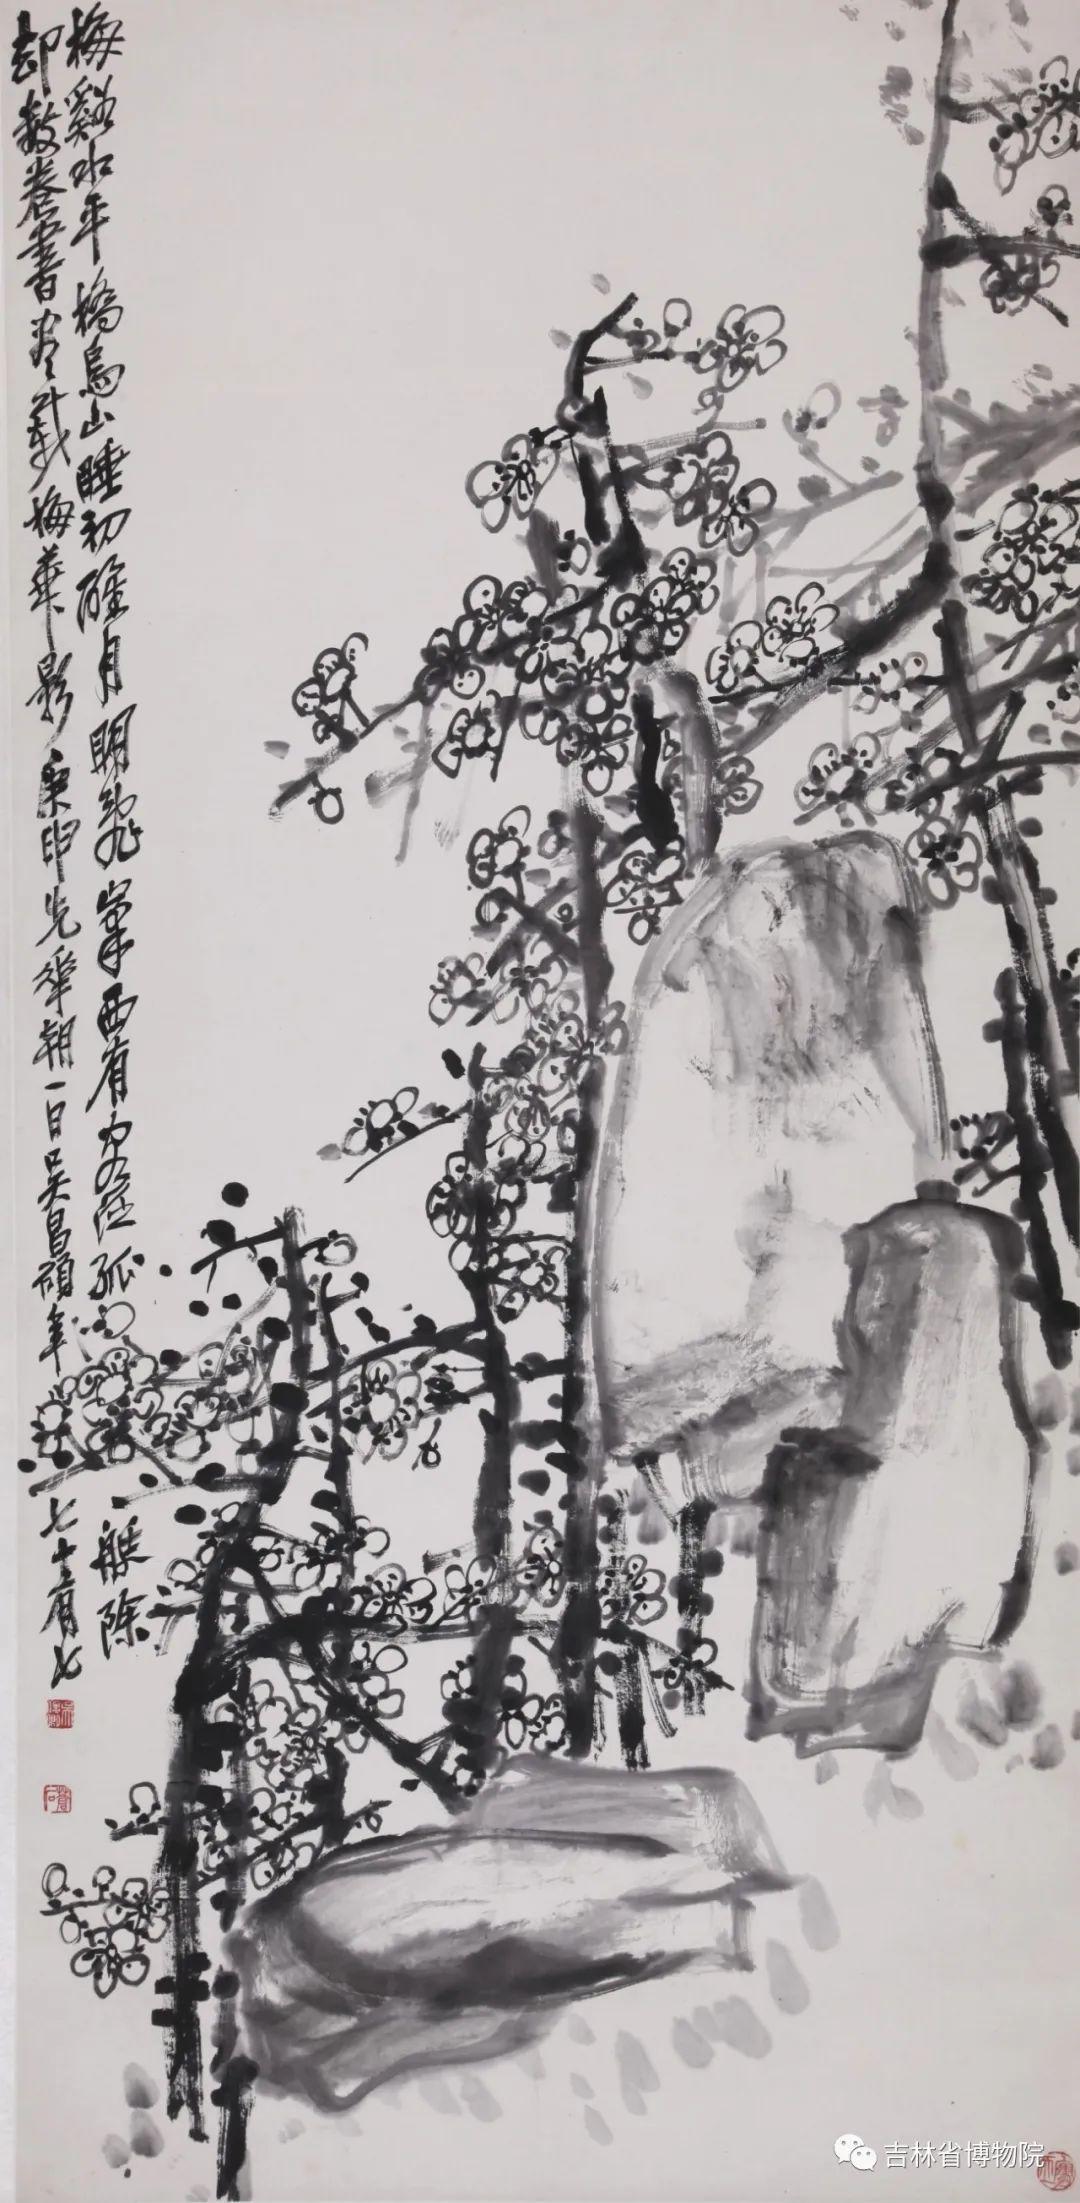 清末 吴昌硕《雪影白梅》 纵142厘米 横69厘米